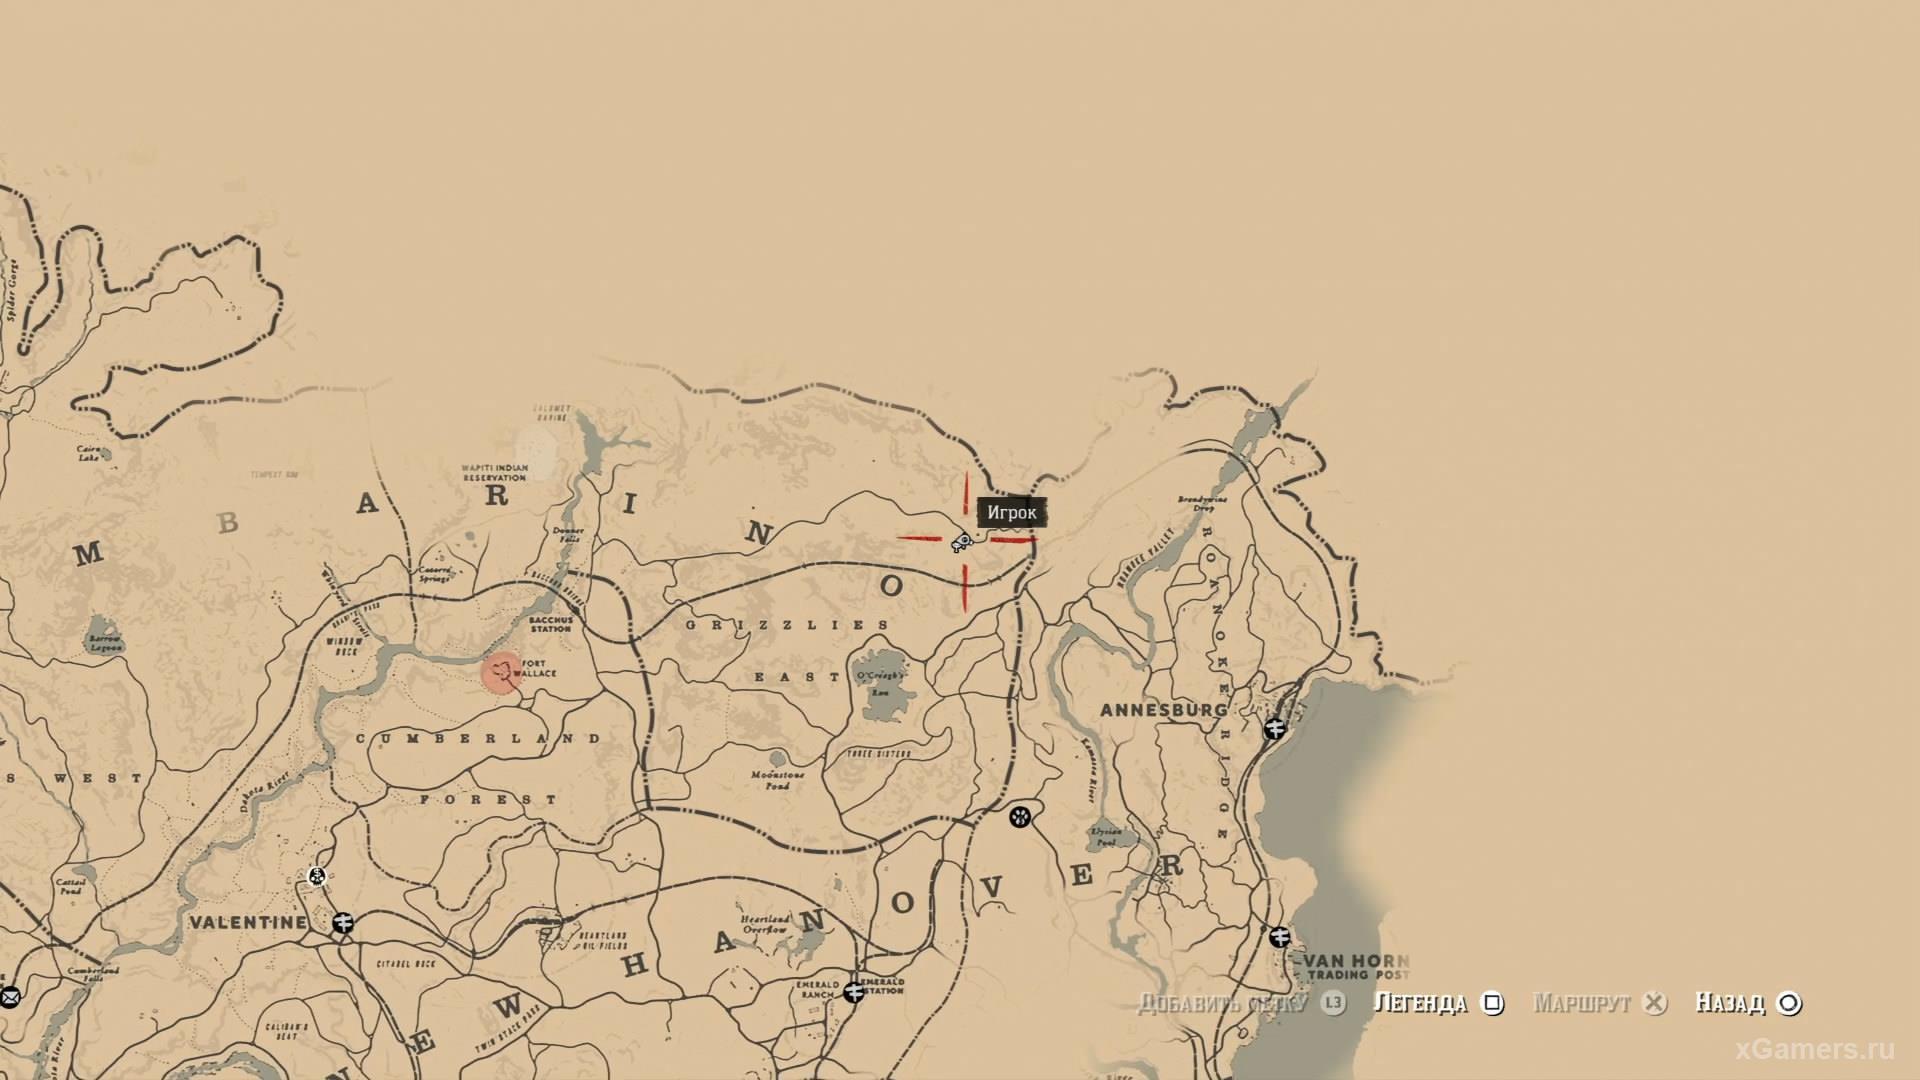 Третий ловец спрятан неподалеку от Аннсебурга, он висит на одном из деревьев